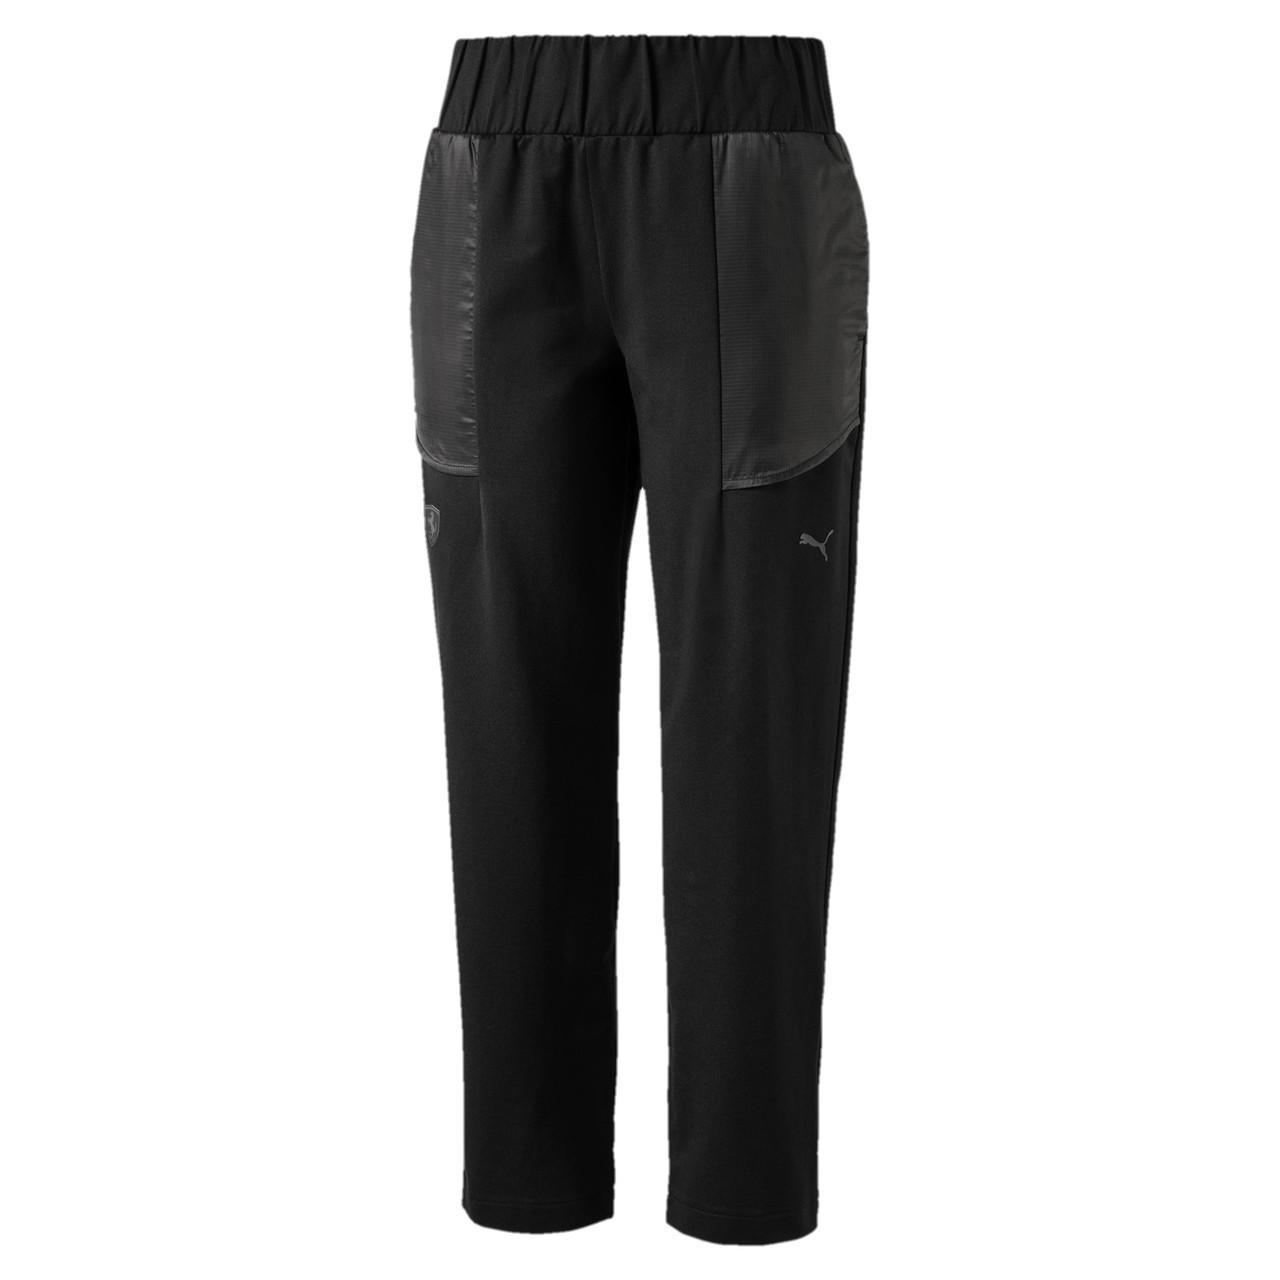 Спортивные штаны Ferrari Women's Sweatpants